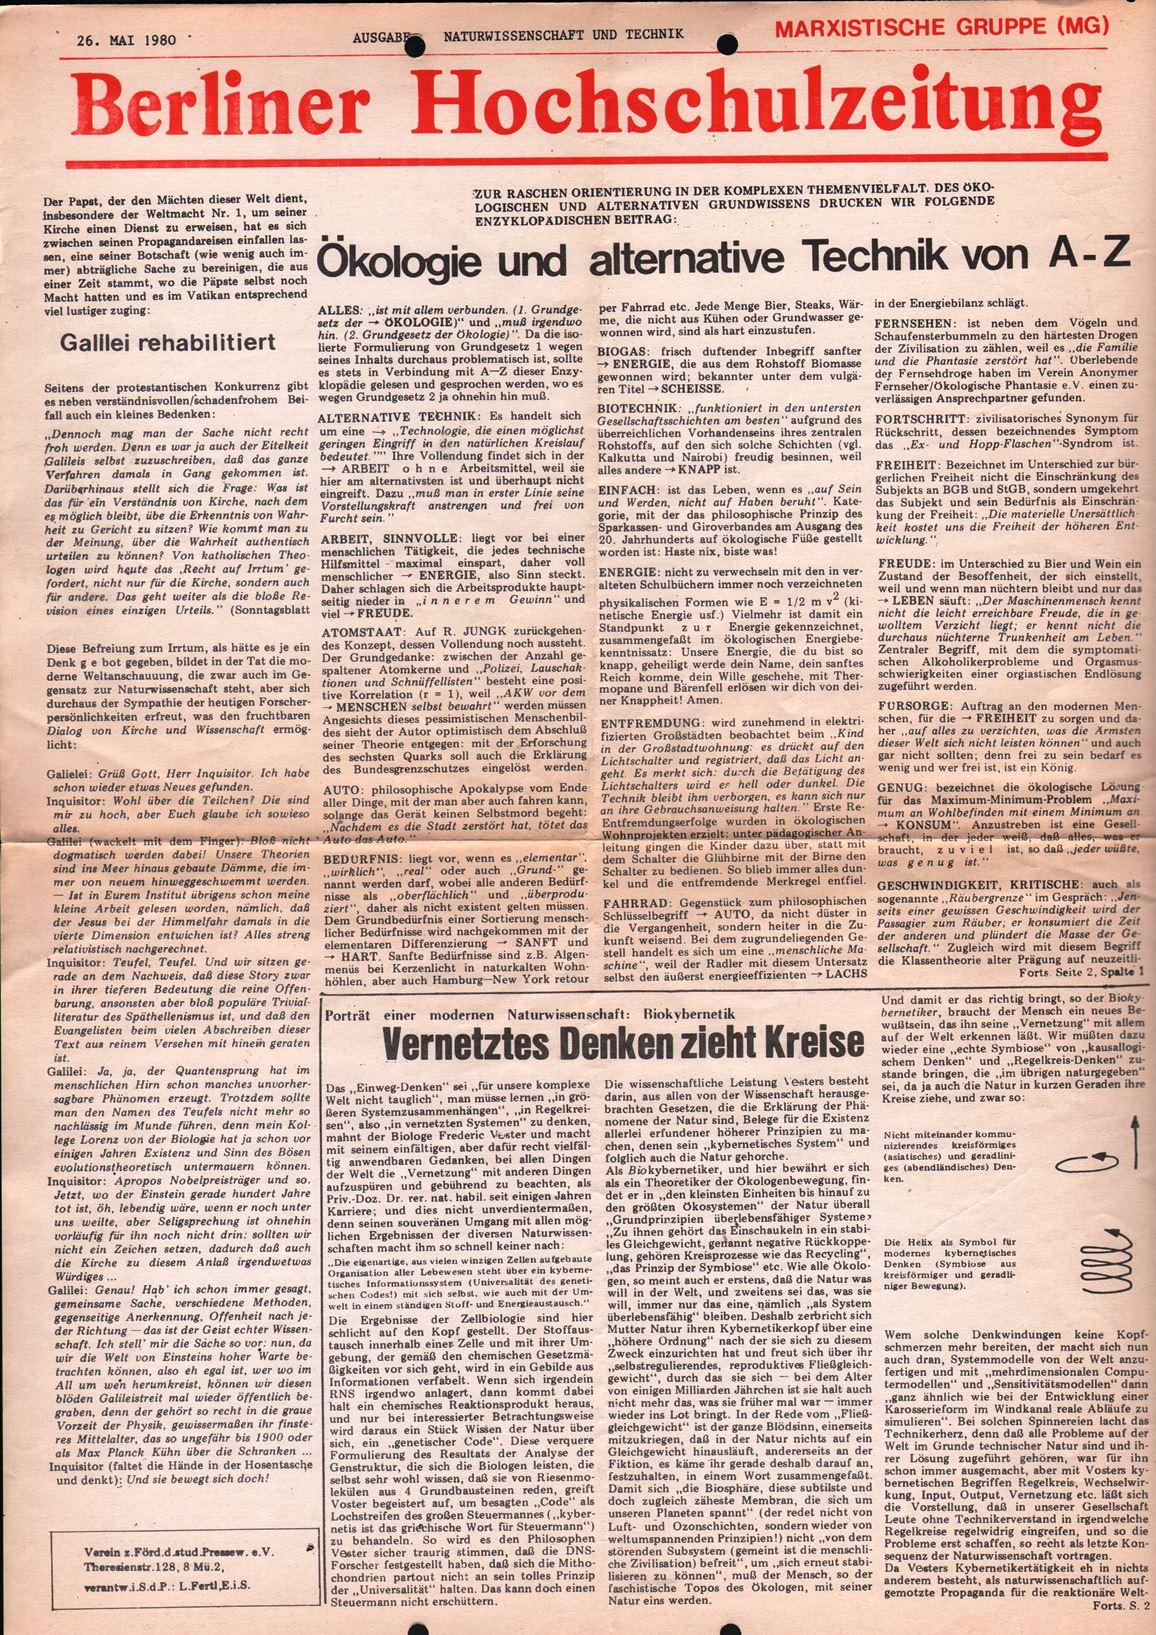 Berlin_MG_Hochschulzeitung_19800526_01